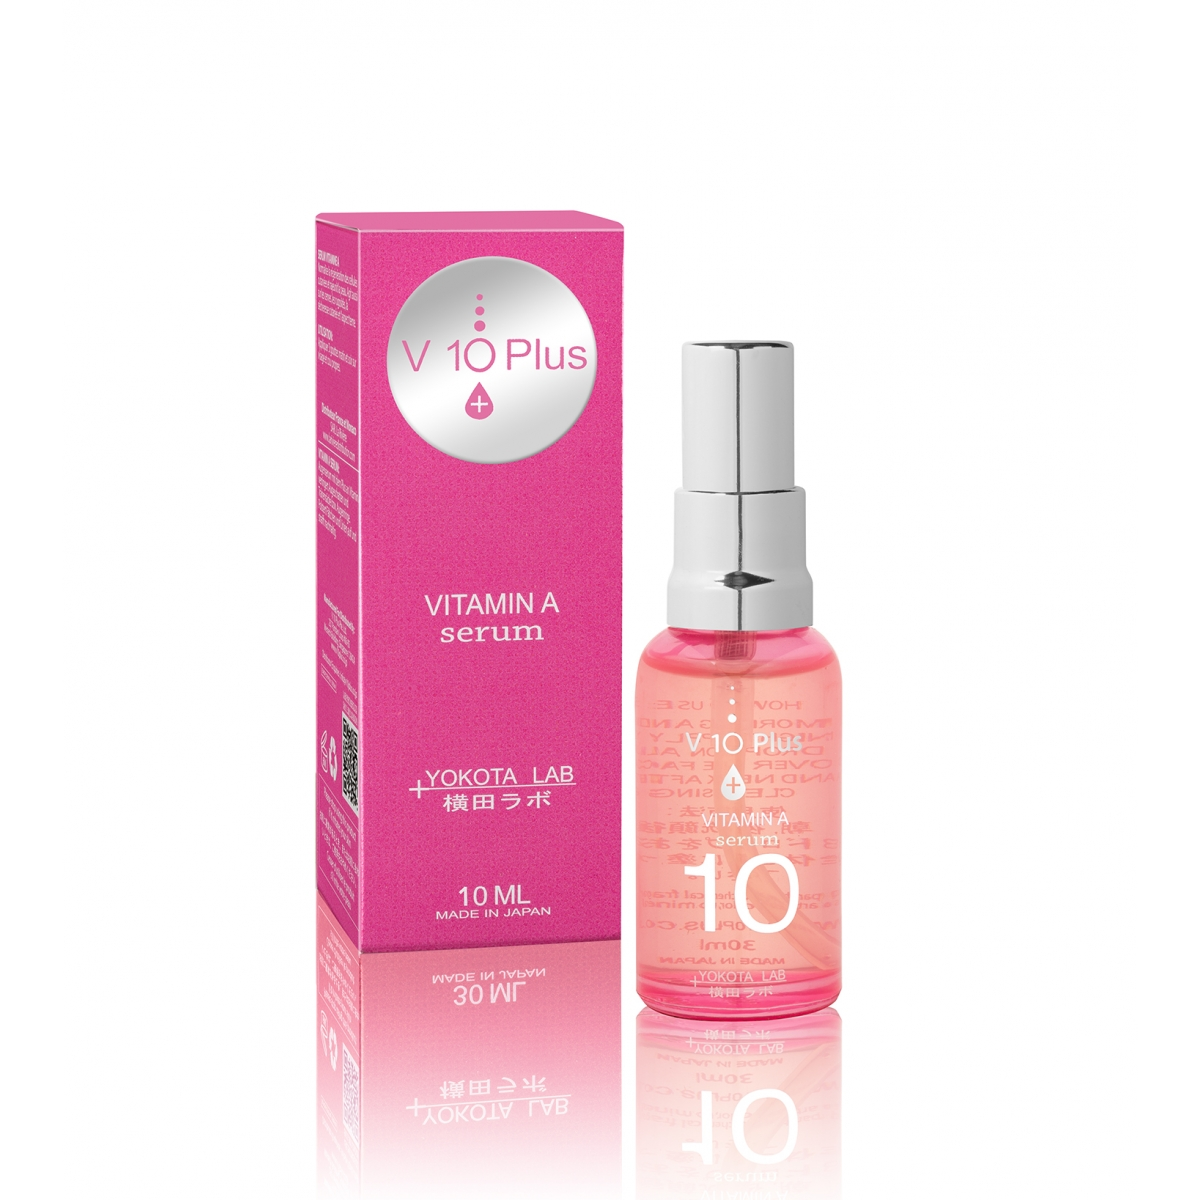 SOIN DU VISAGE - VITAMINE A SERUM V10+ (10 ml)